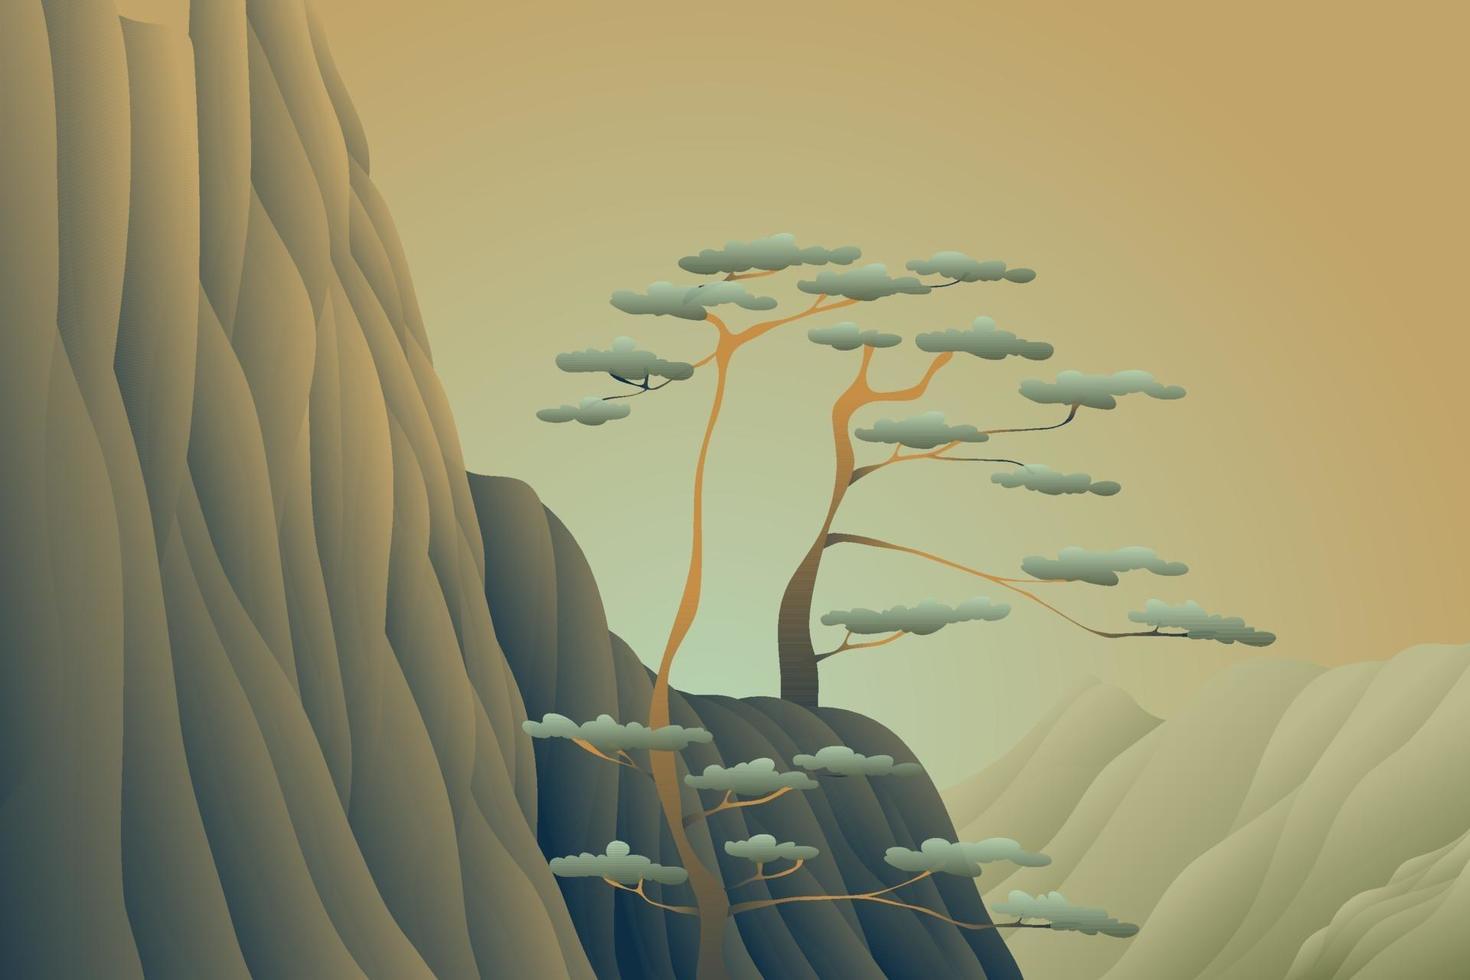 träd klippa solnedgång landskap bakgrund vektor